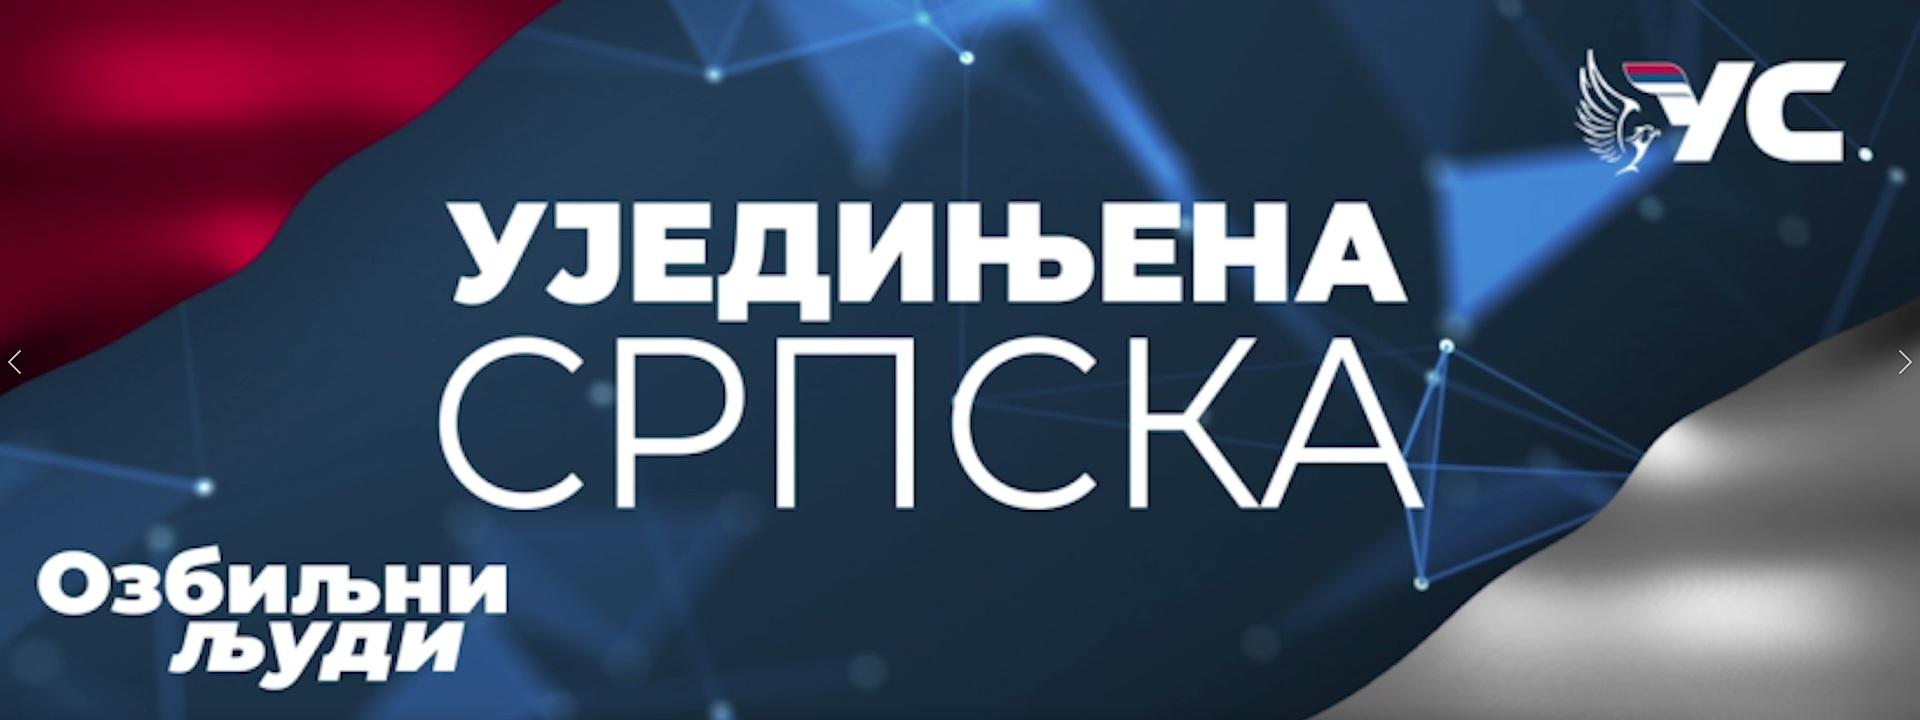 """Истраживање агенције """"Фактор плус"""": Уједињена Србска има највећи раст"""